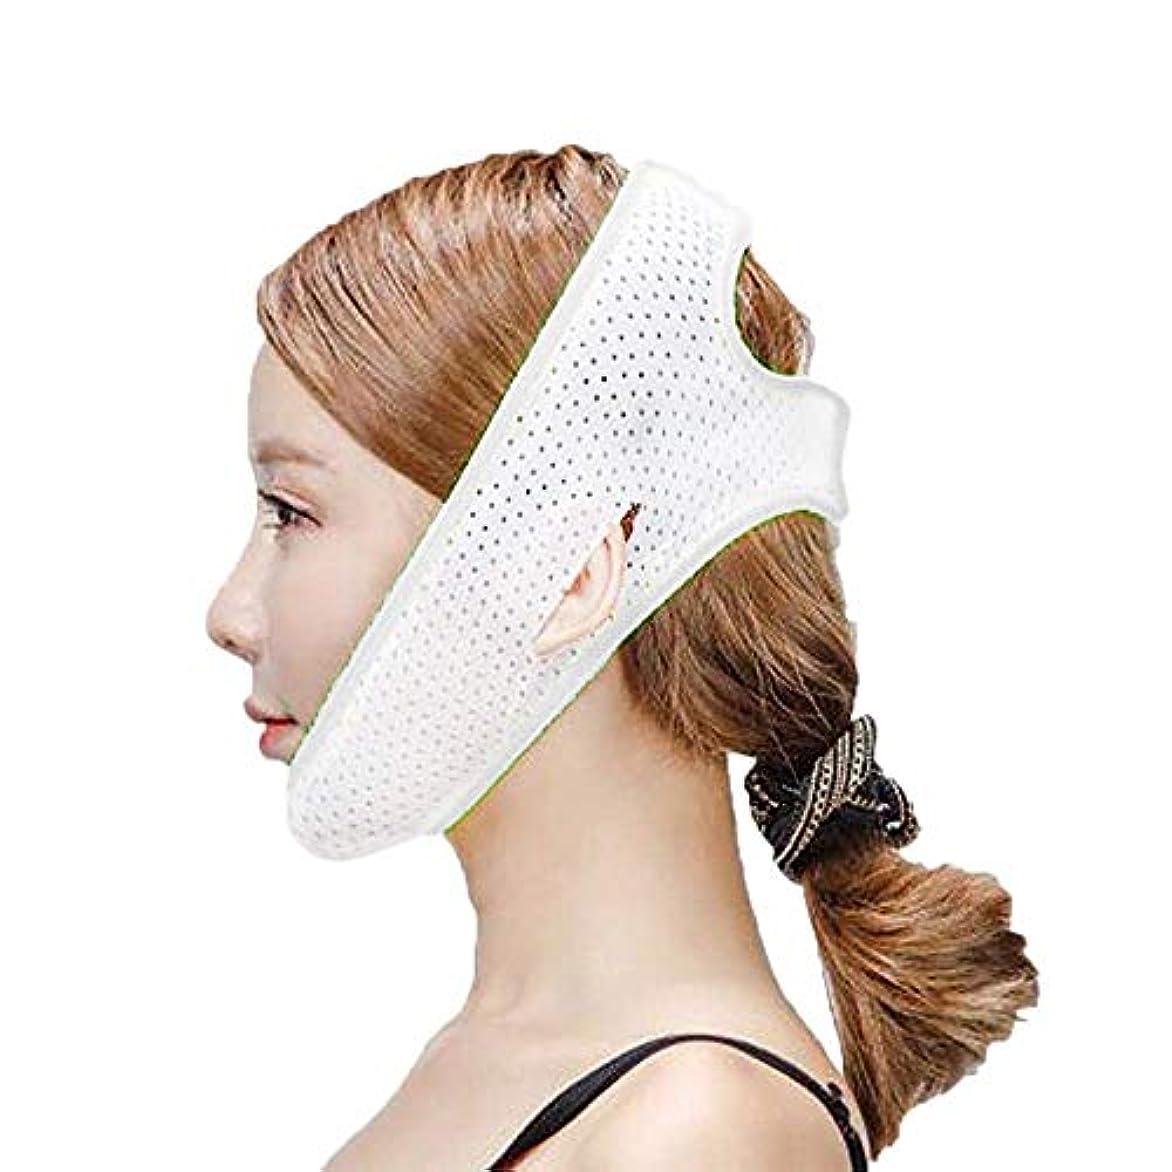 独立してシャックル熱フェイスリフトマスク、ダブルチンストラップ、フェイシャル減量マスク、フェイシャルダブルチンケアスリミングマスク、リンクルマスク(フリーサイズ)(カラー:ブラック),白